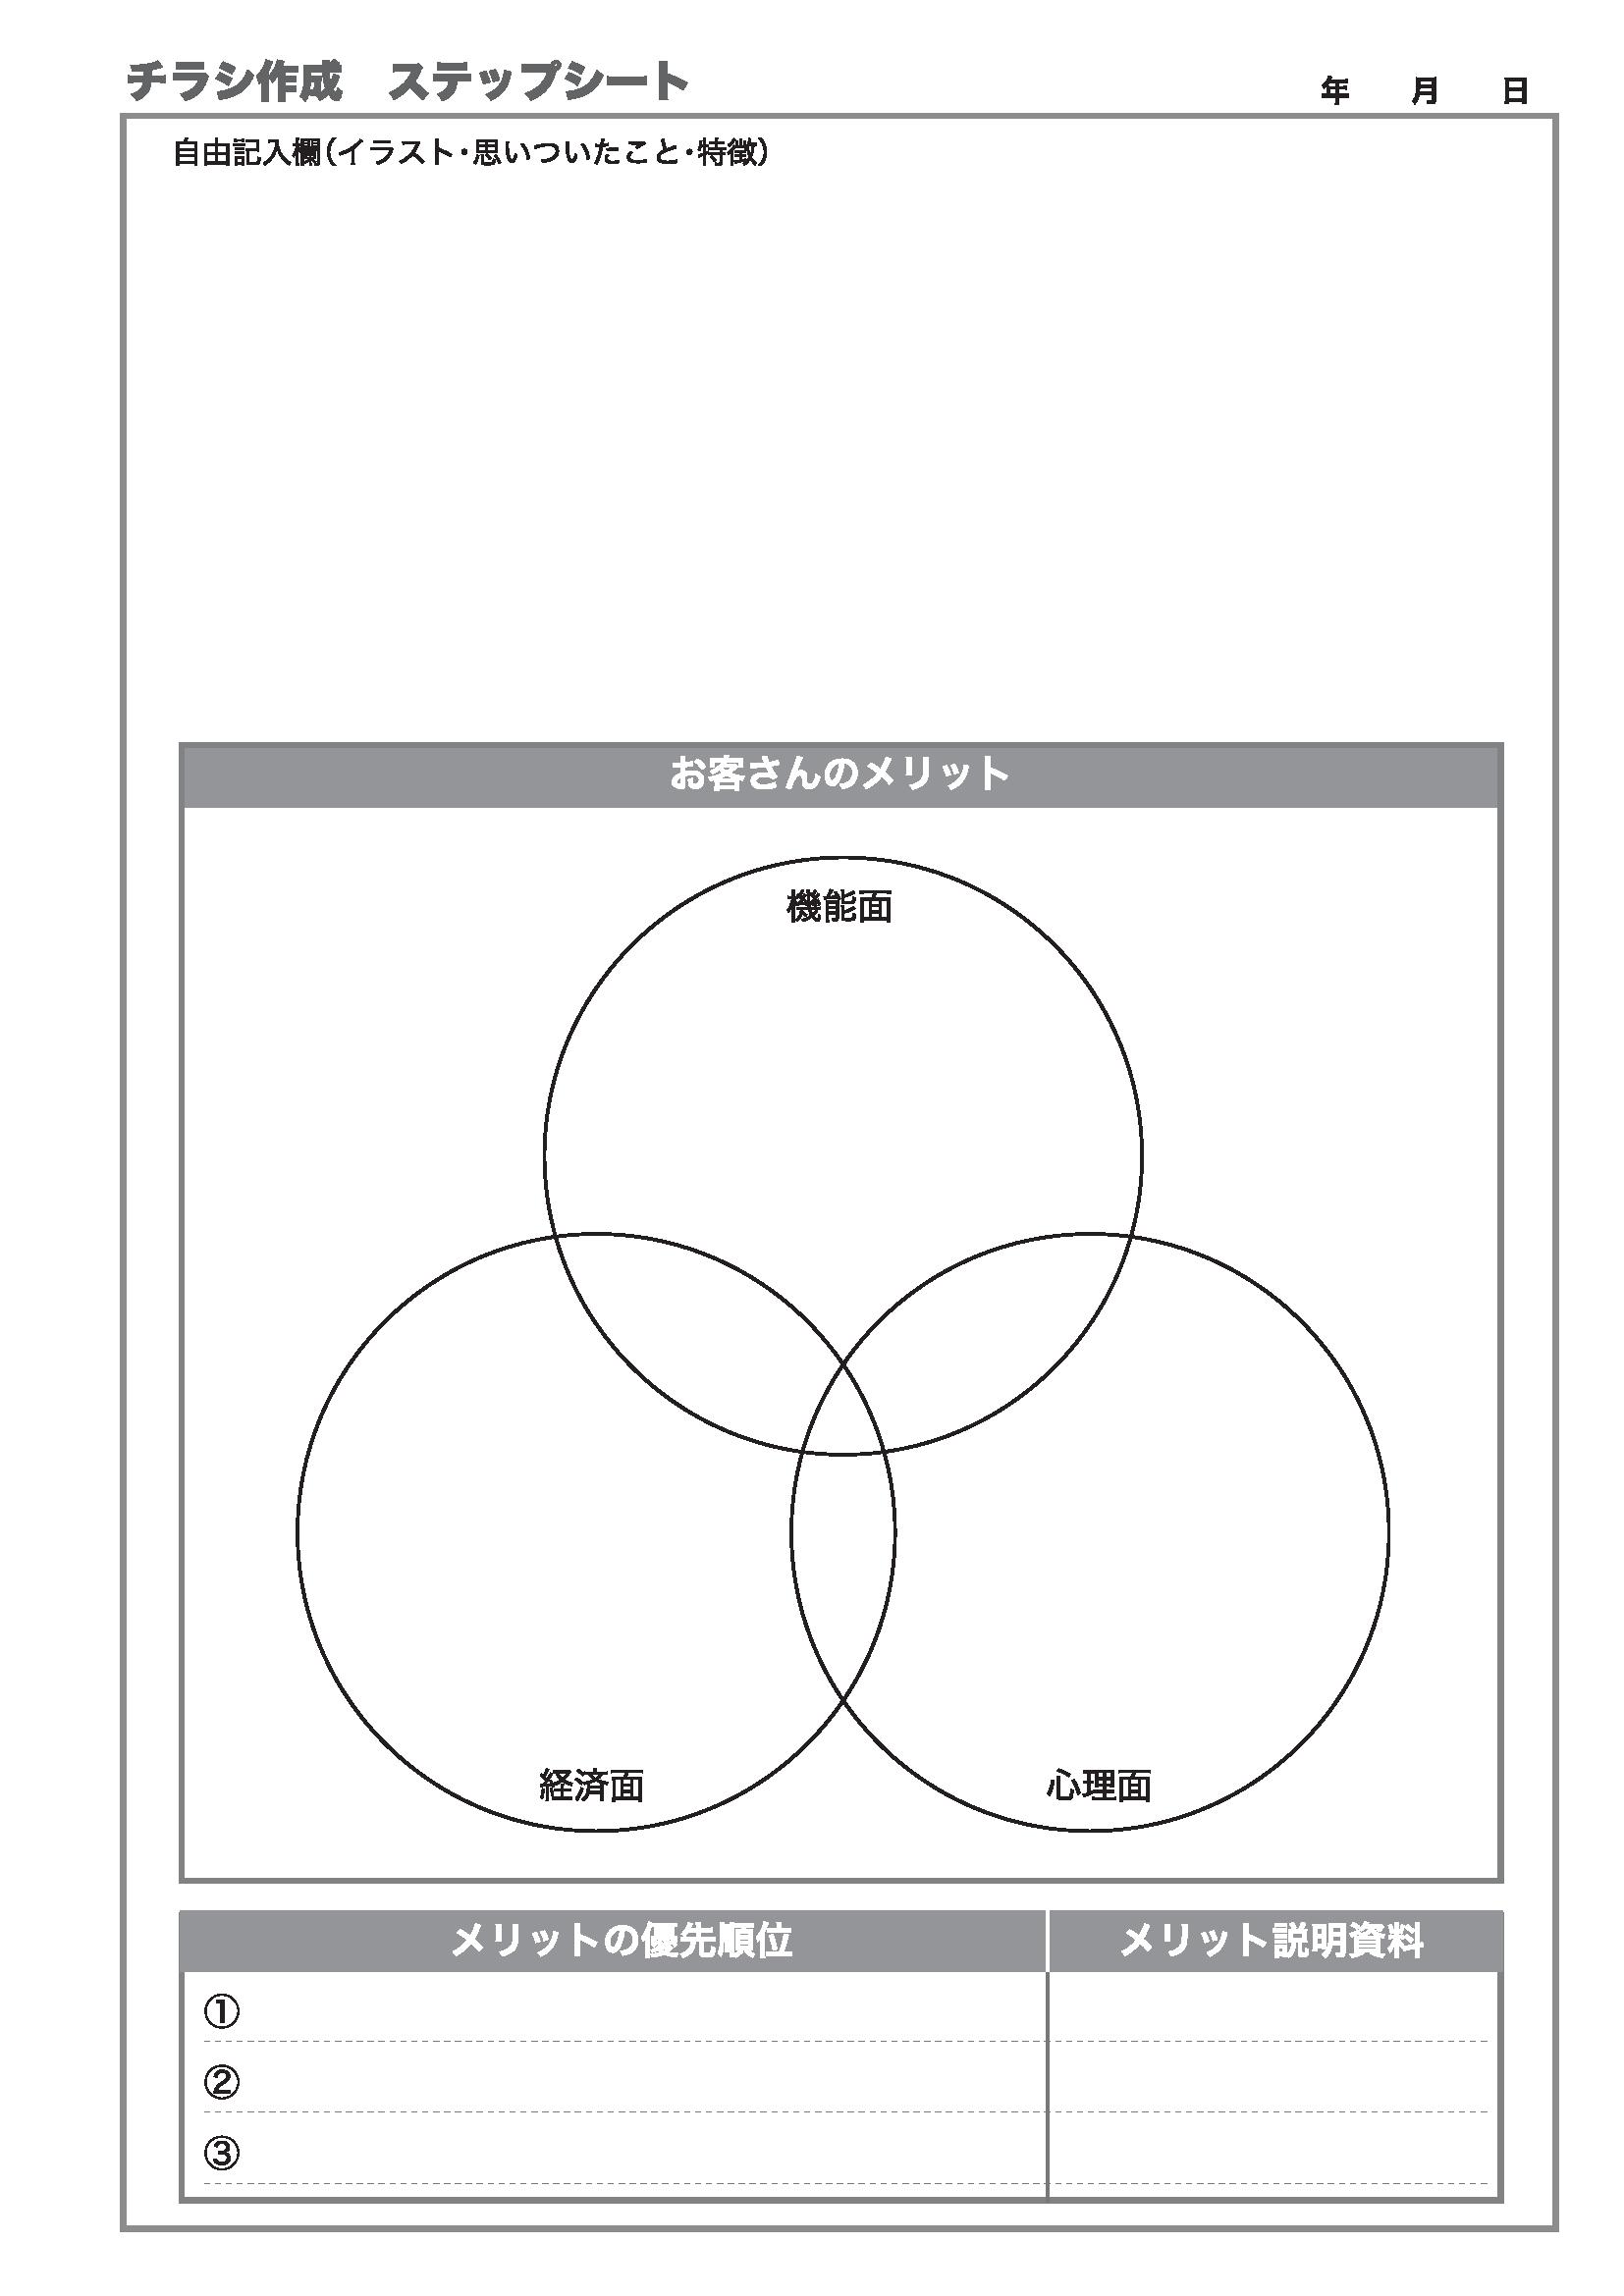 チラシ作成シート (1)_ページ_3